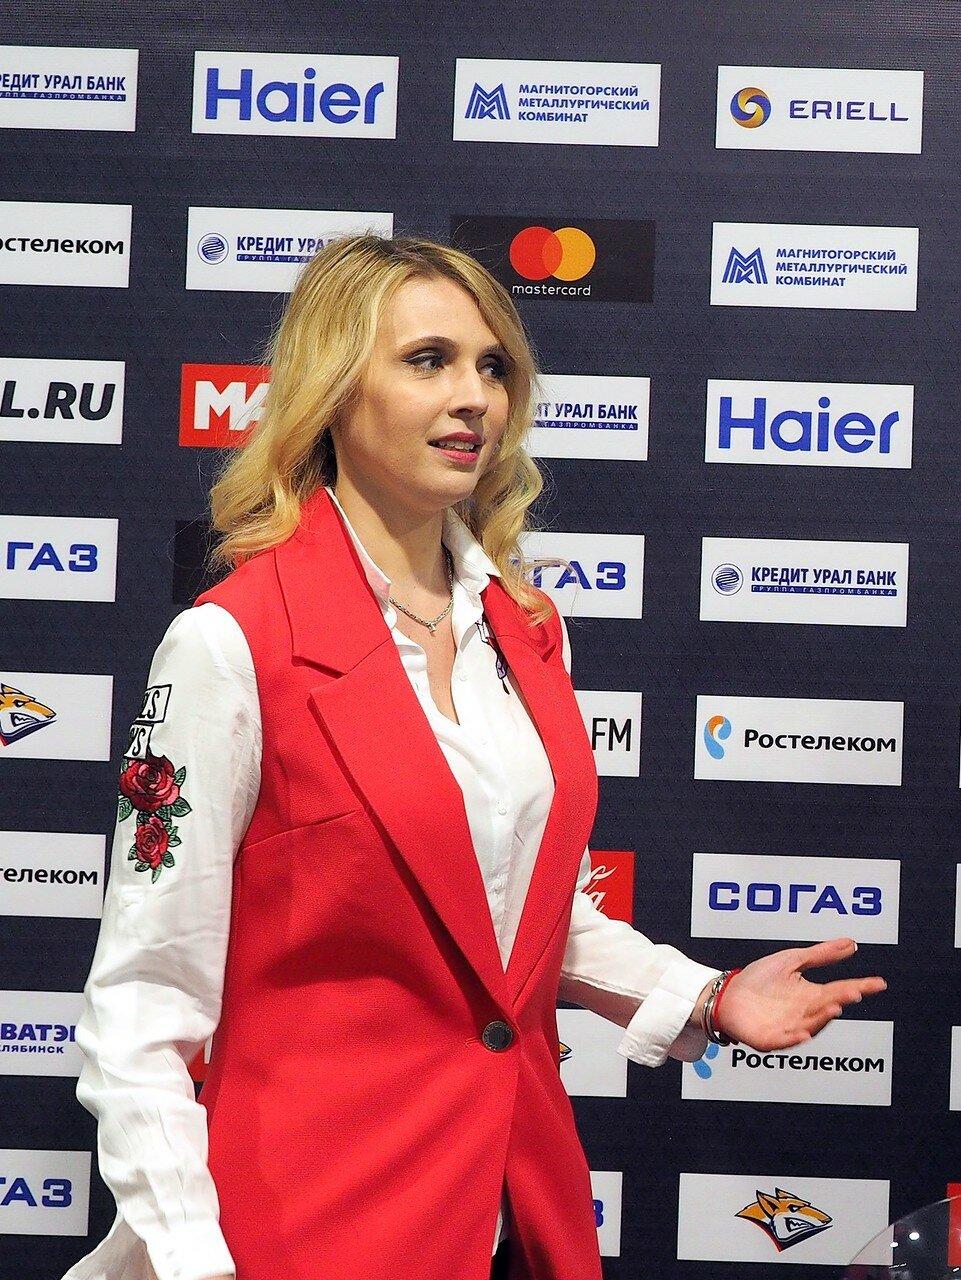 57 Первая игра финала плей-офф восточной конференции 2017 Металлург - АкБарс 24.03.2017